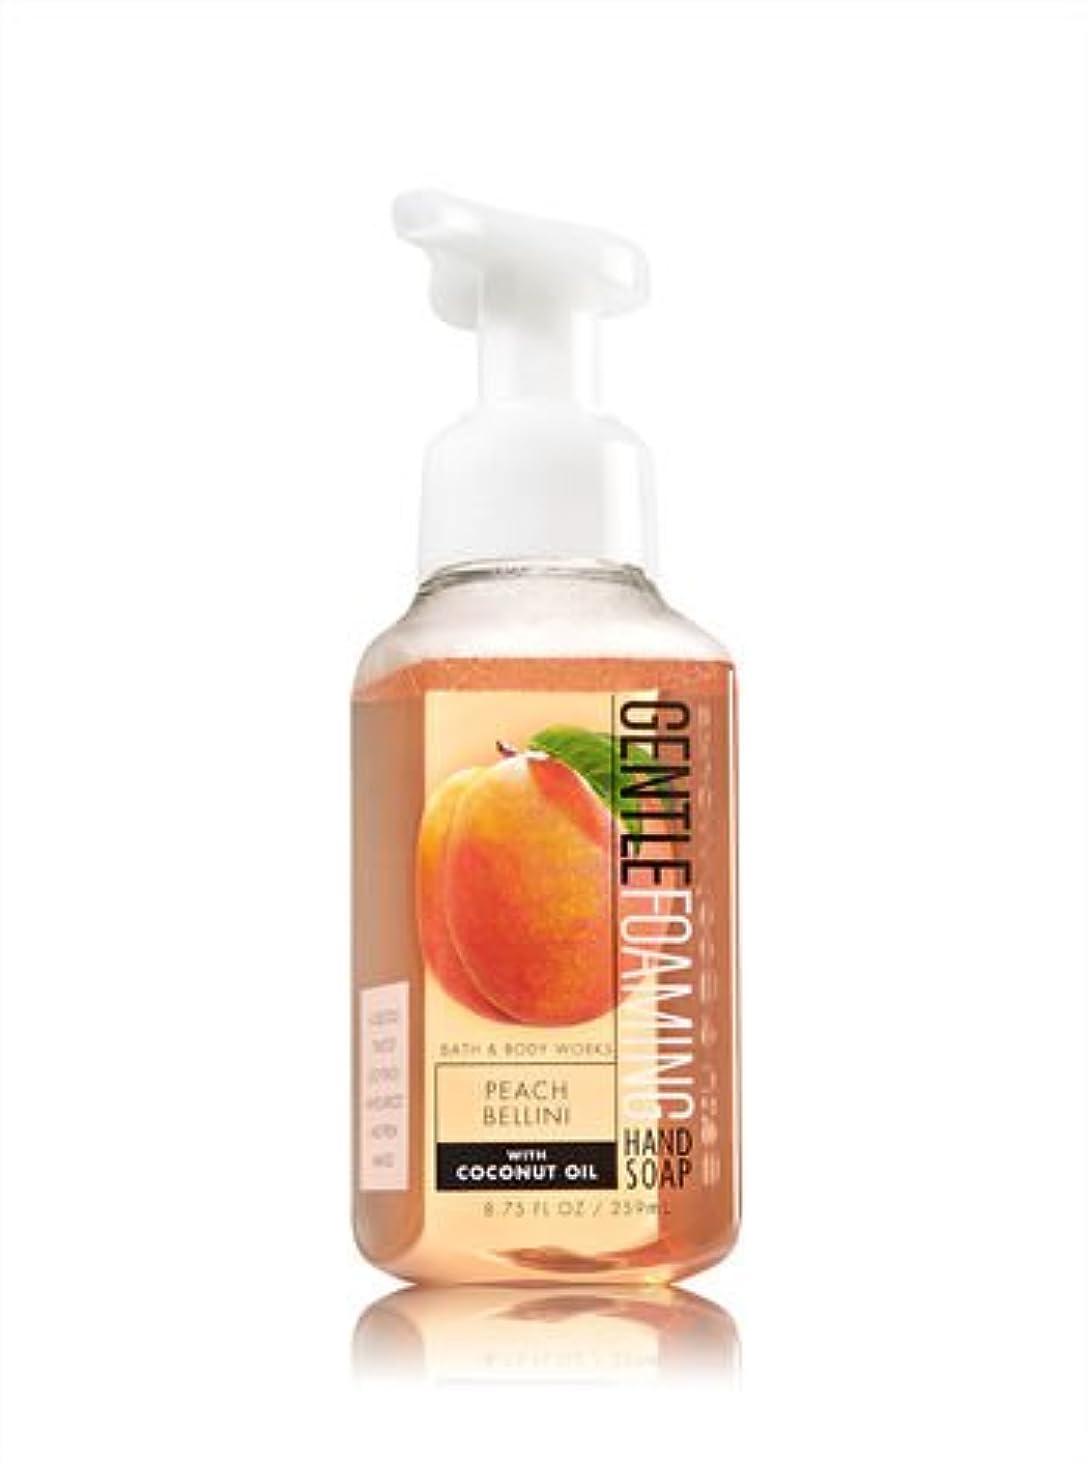 トランスミッション数学的な電気技師バス&ボディワークス ピーチベリーニ ジェントル フォーミング ハンドソープ Peach Bellini Gentle Foaming Hand Soap [並行輸入品]